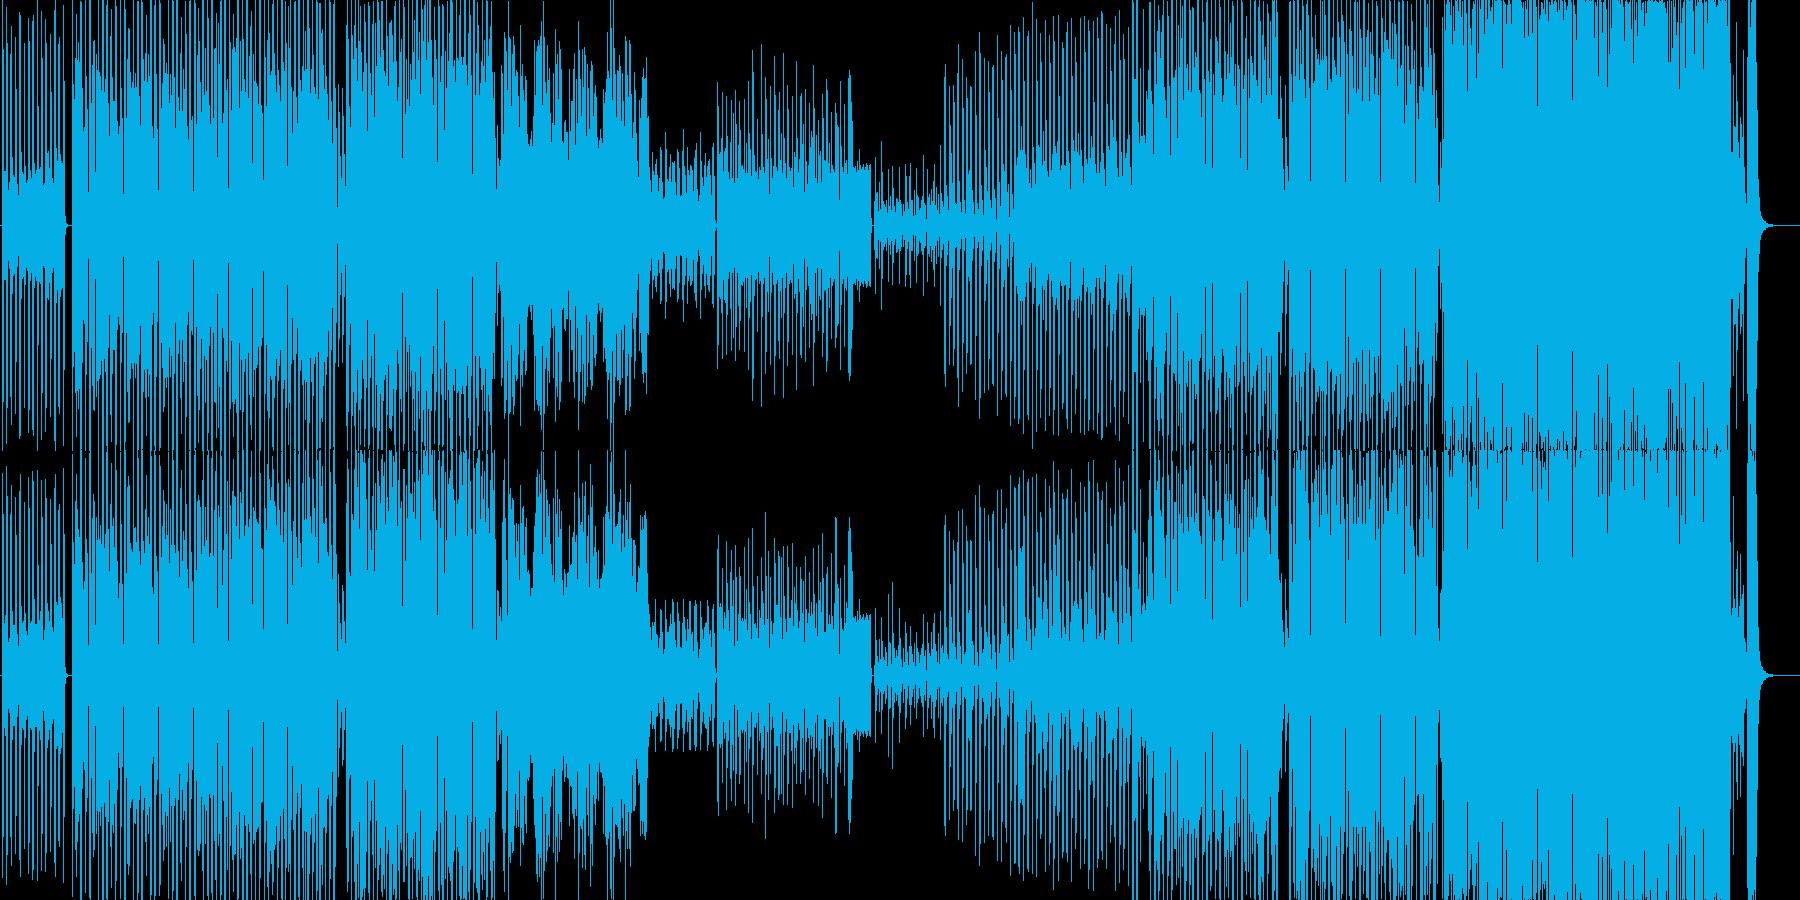 パーカッシブなダンス曲の再生済みの波形